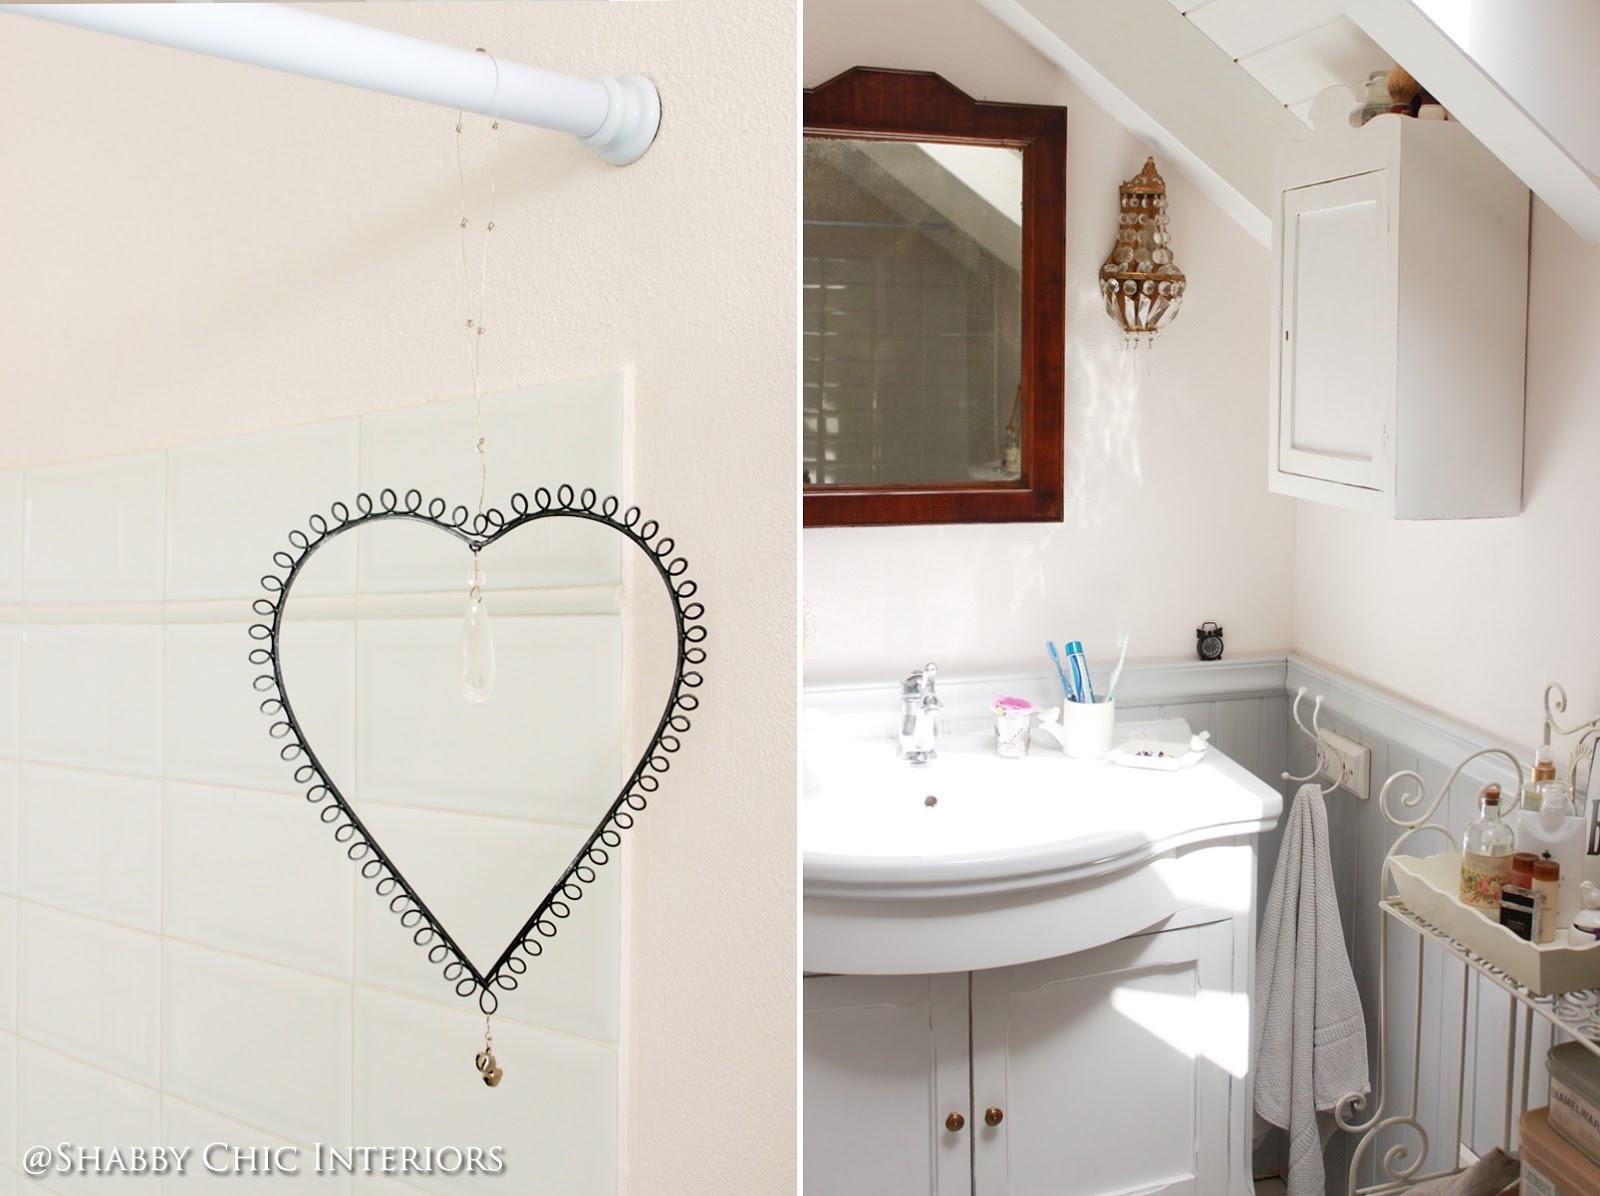 Un bagno in stile shabby - Shabby Chic Interiors